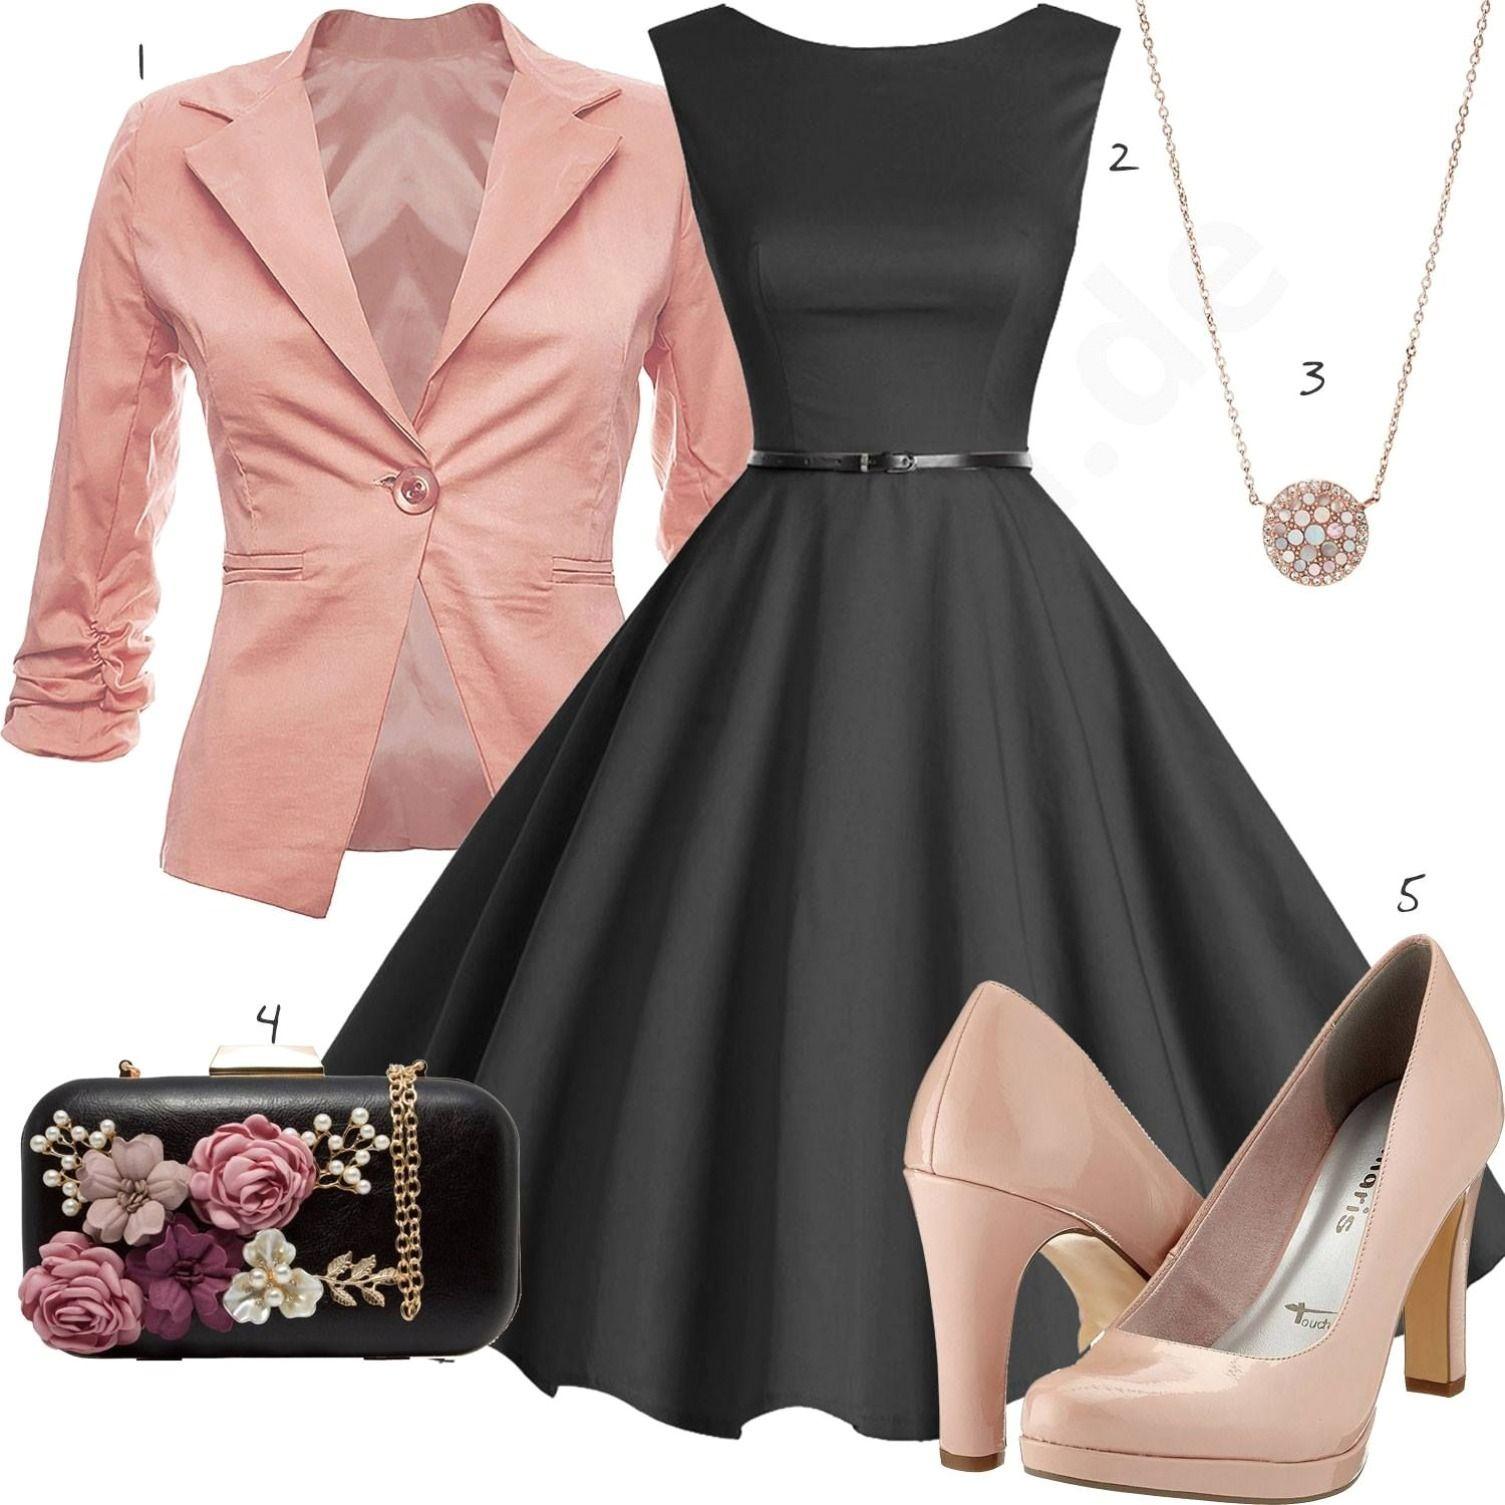 outfit mit schwarzem kleid chsfarbenem blazer und pumps